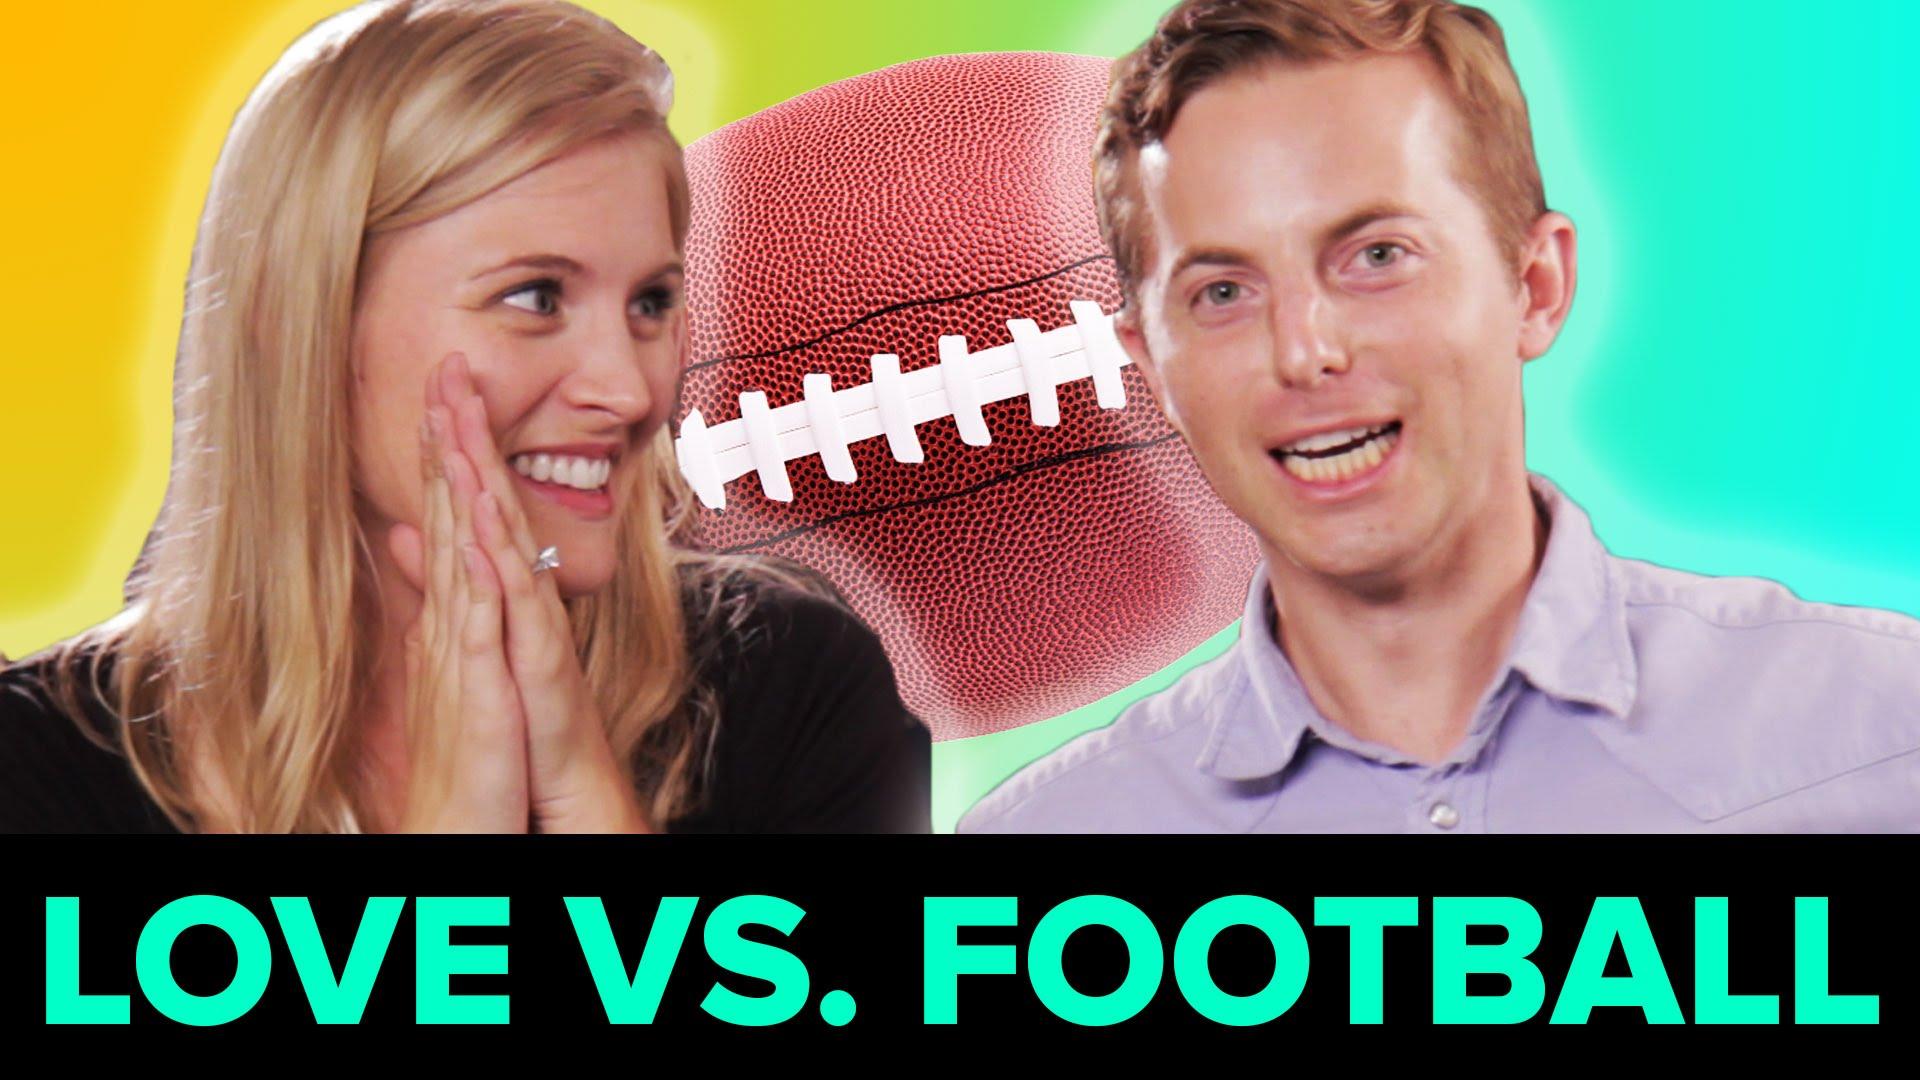 deportes más populares con BuzzFeed